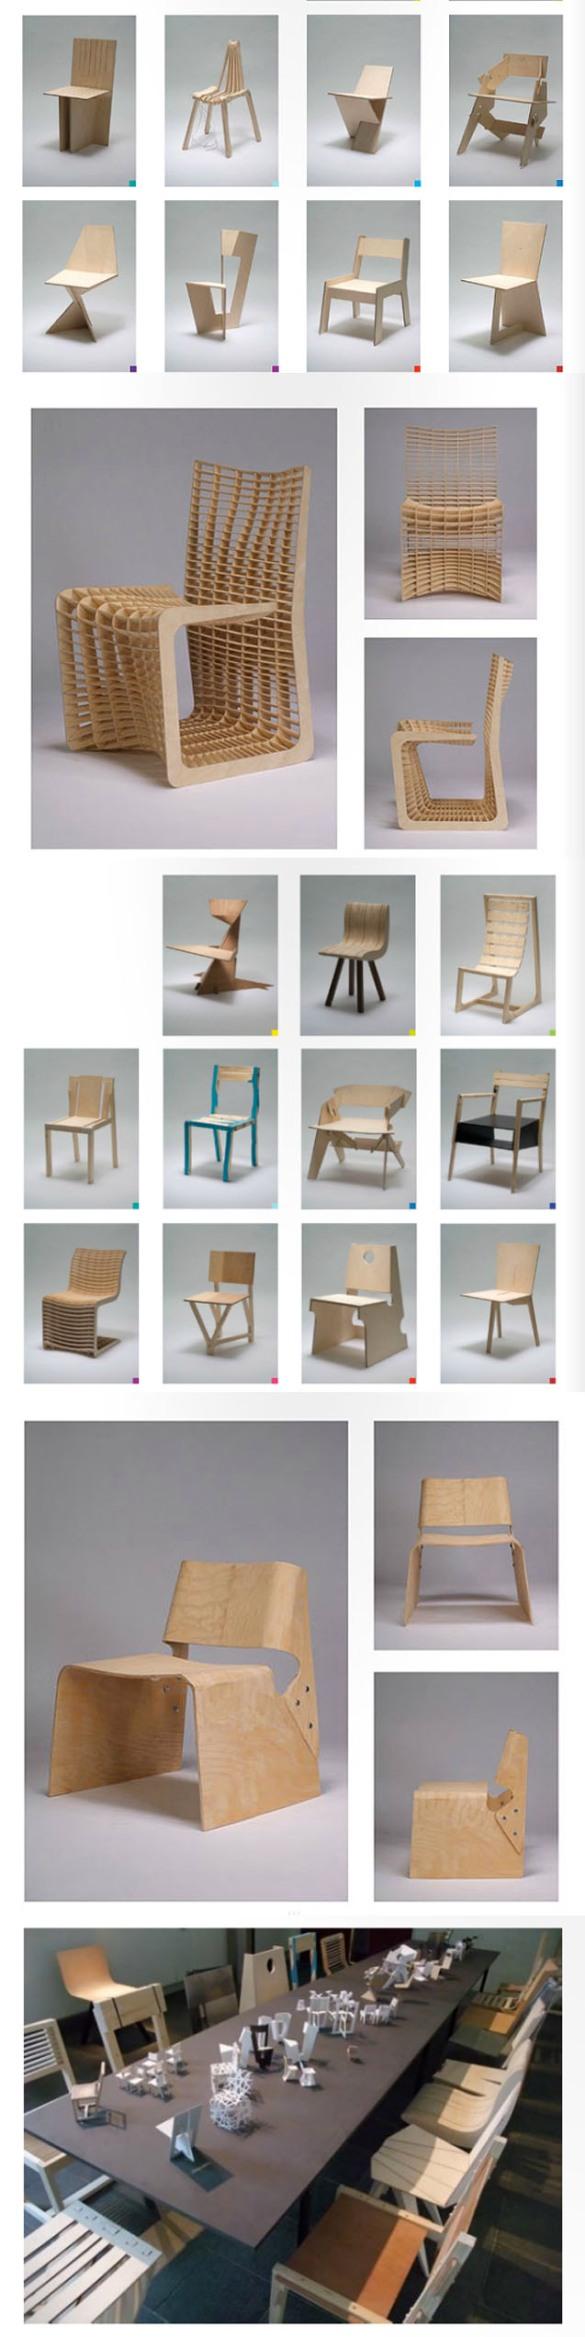 build danish furniture